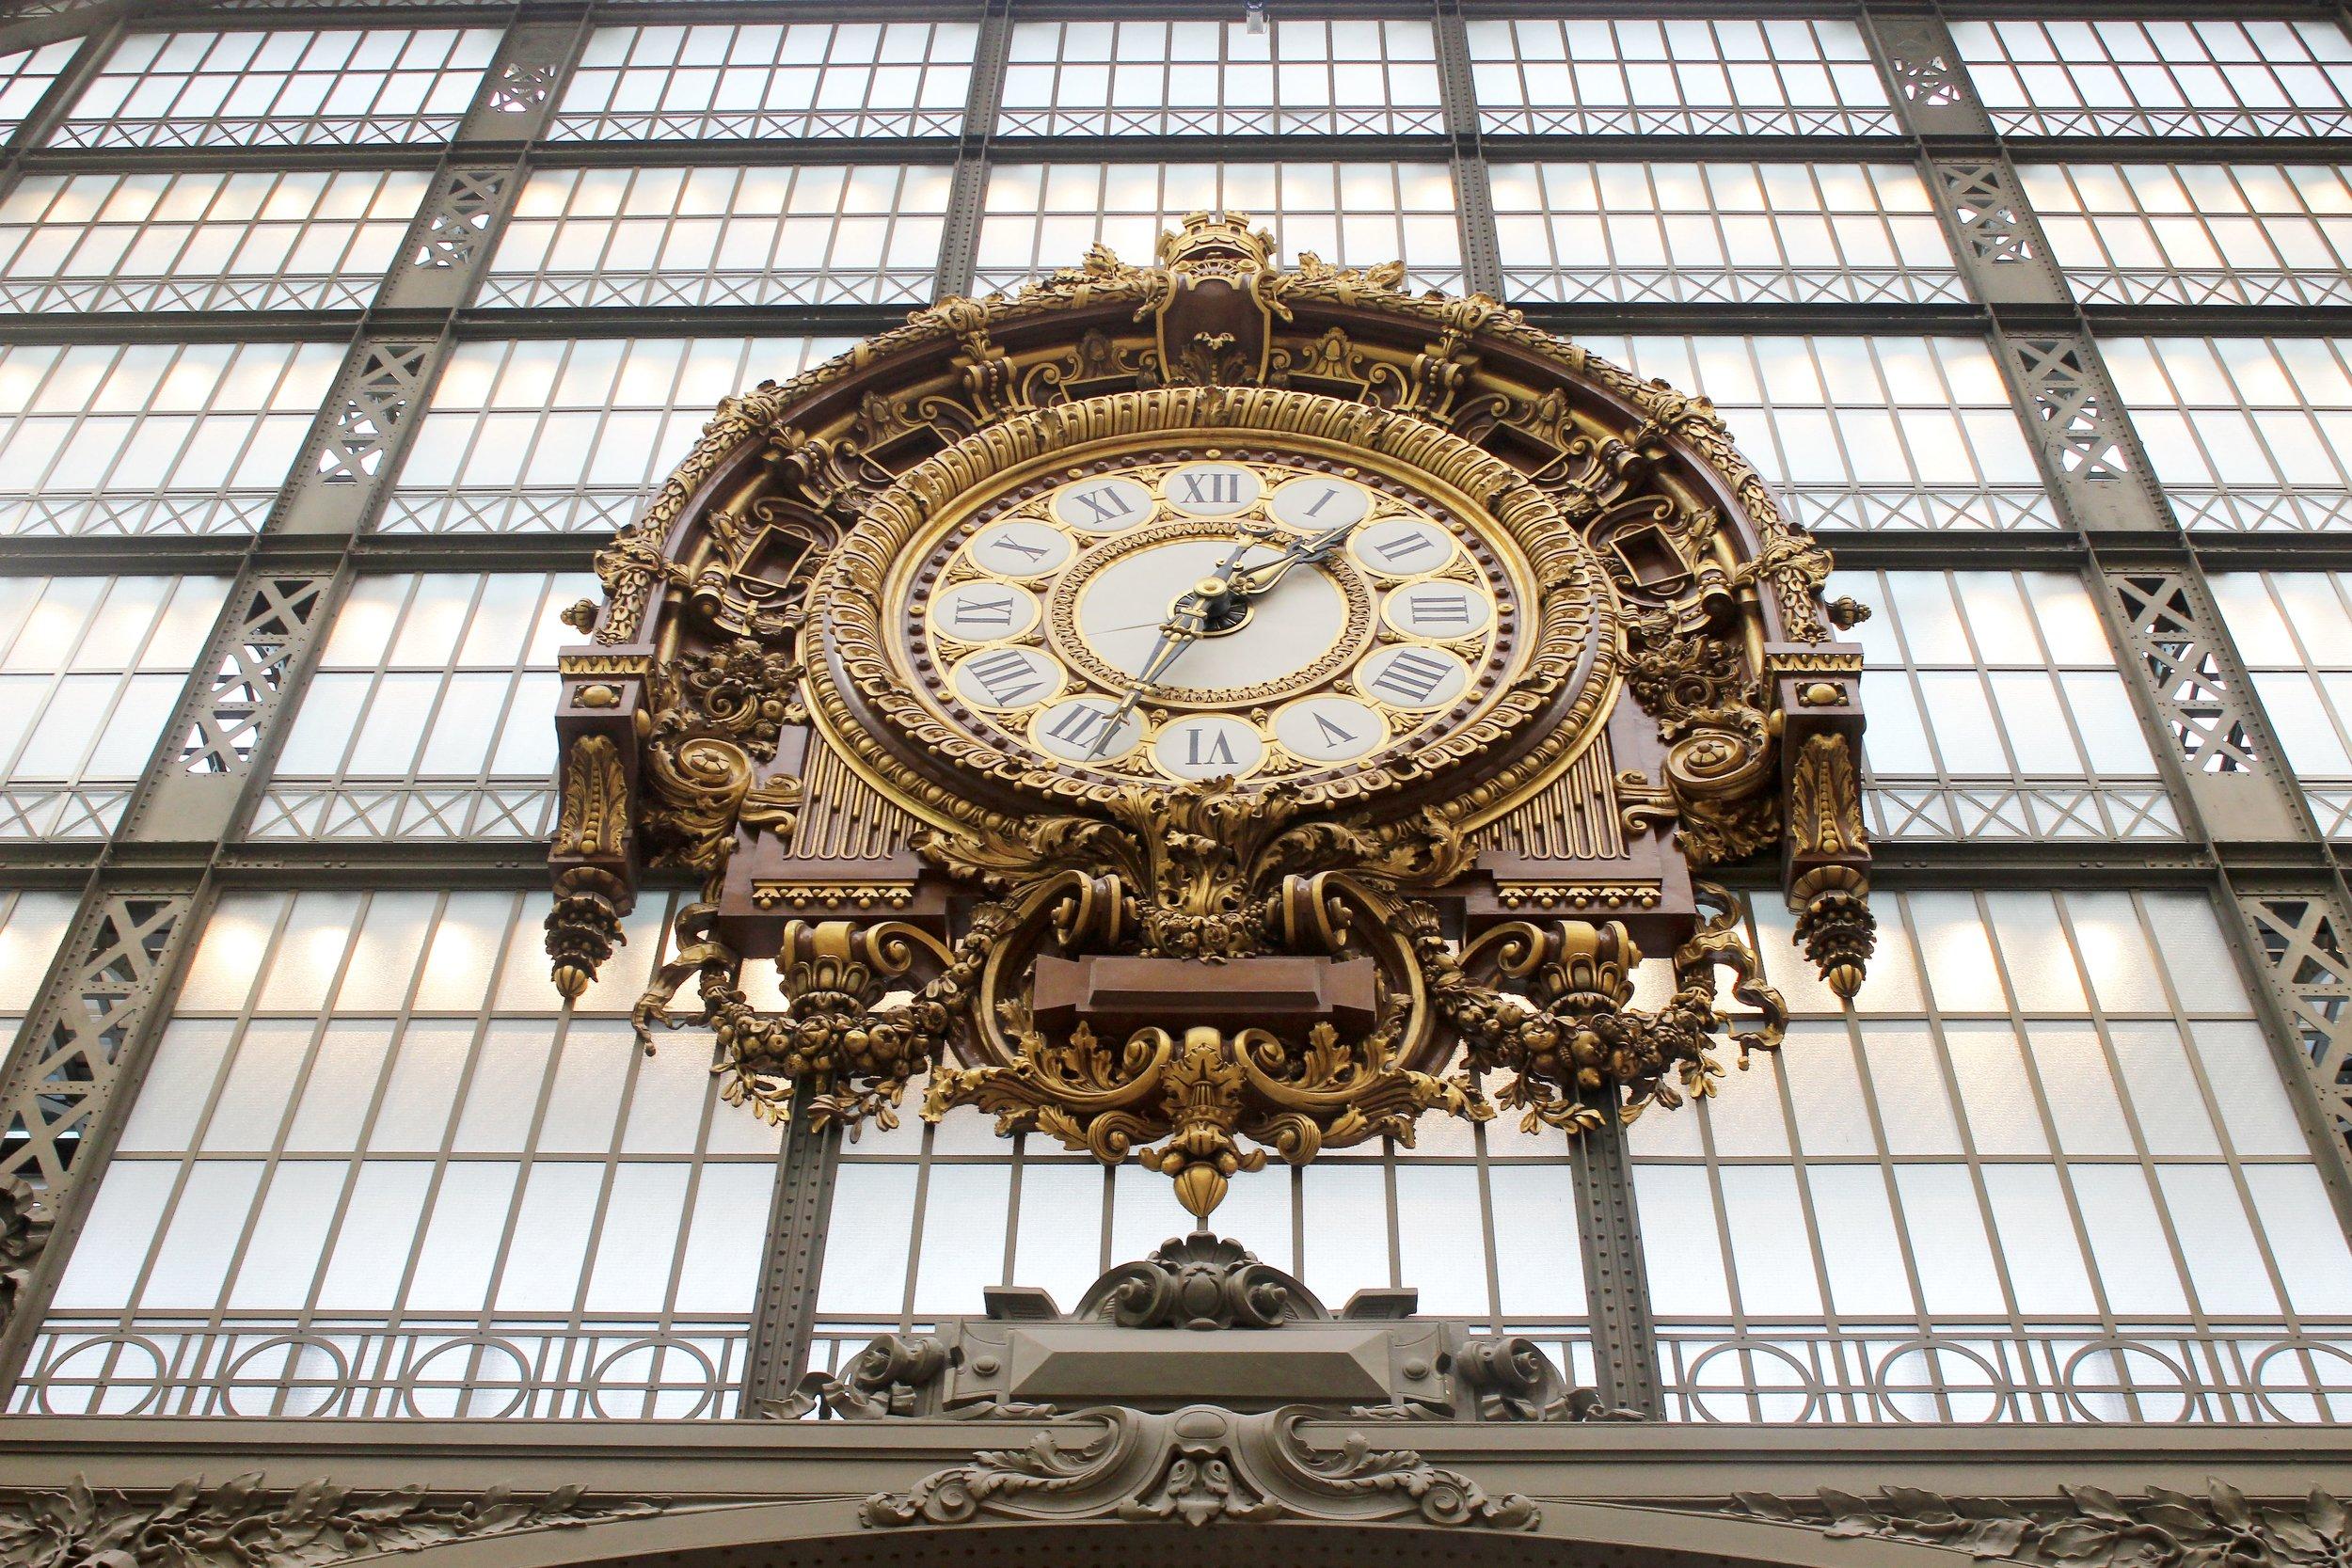 Beautiful clock at Musee d'Orsay